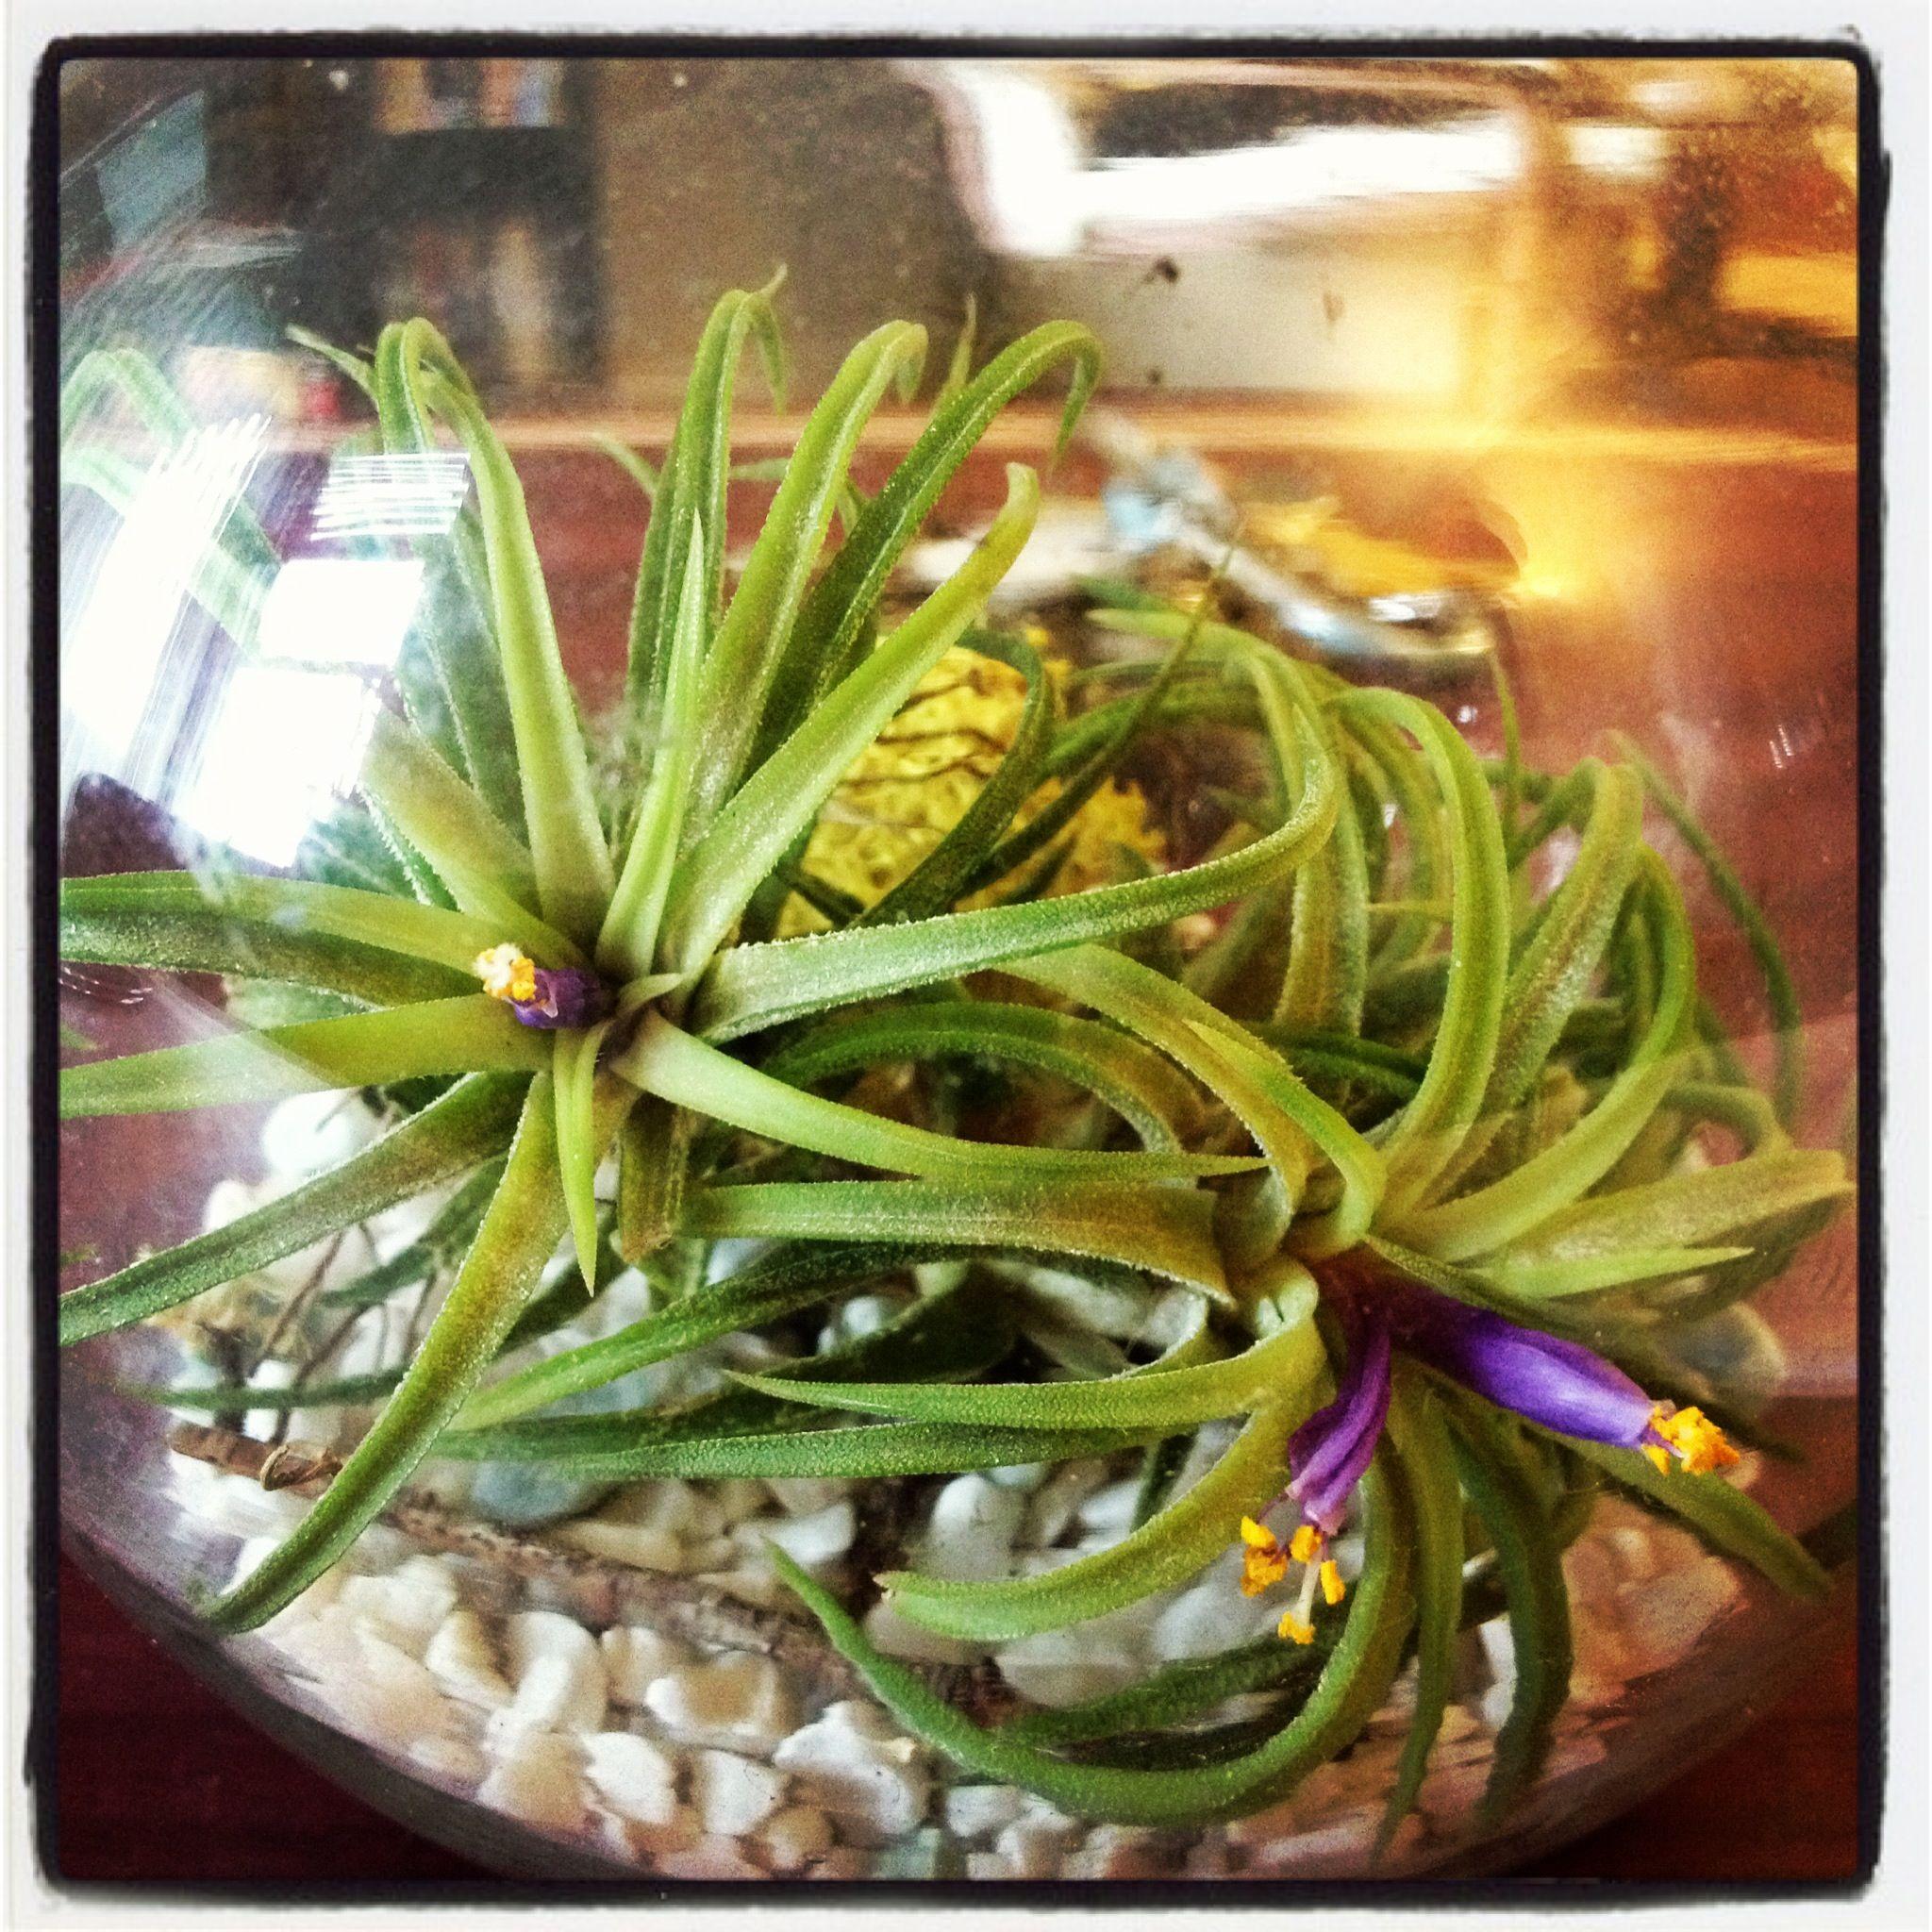 Flowering airplant air plants green vegetables